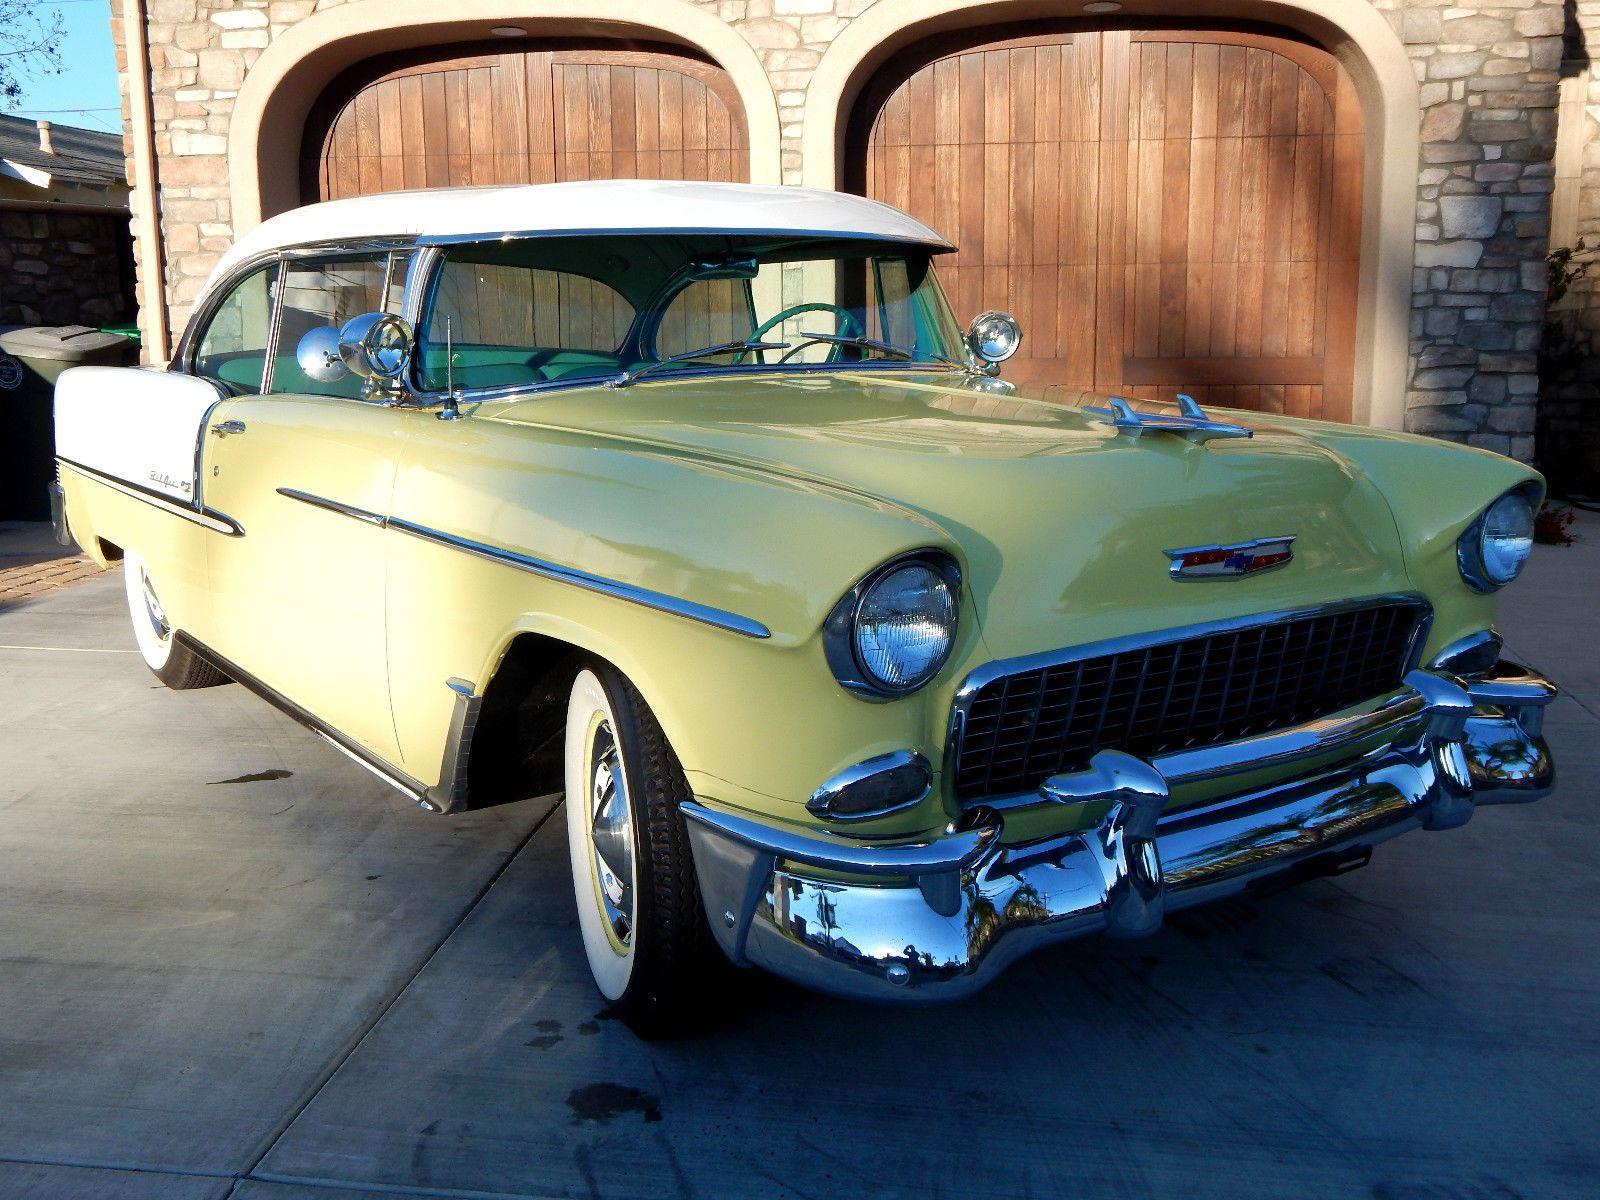 1955 Chevrolet Bel Air 150 210 Sport Coupe 2 Door No Post Hardtop Chevy Ebay